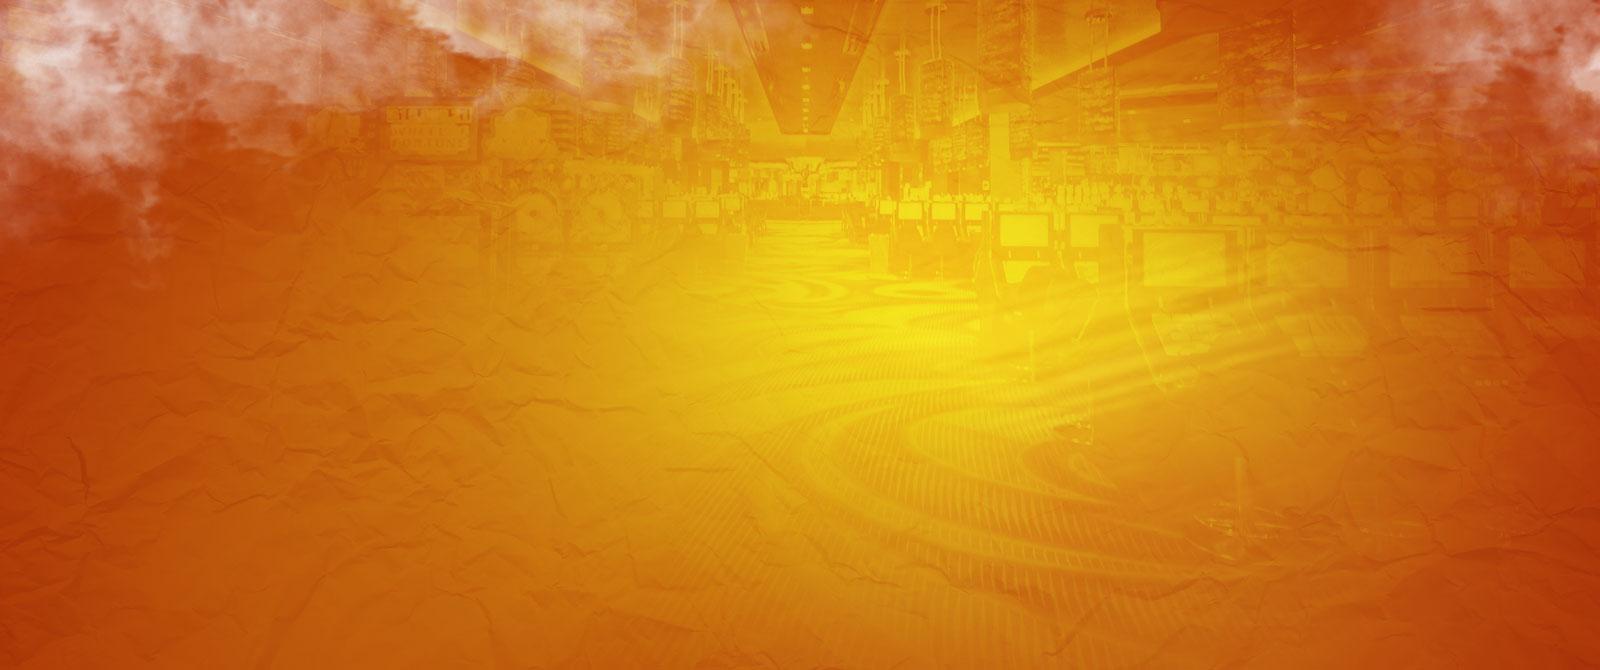 bg-orange-casino